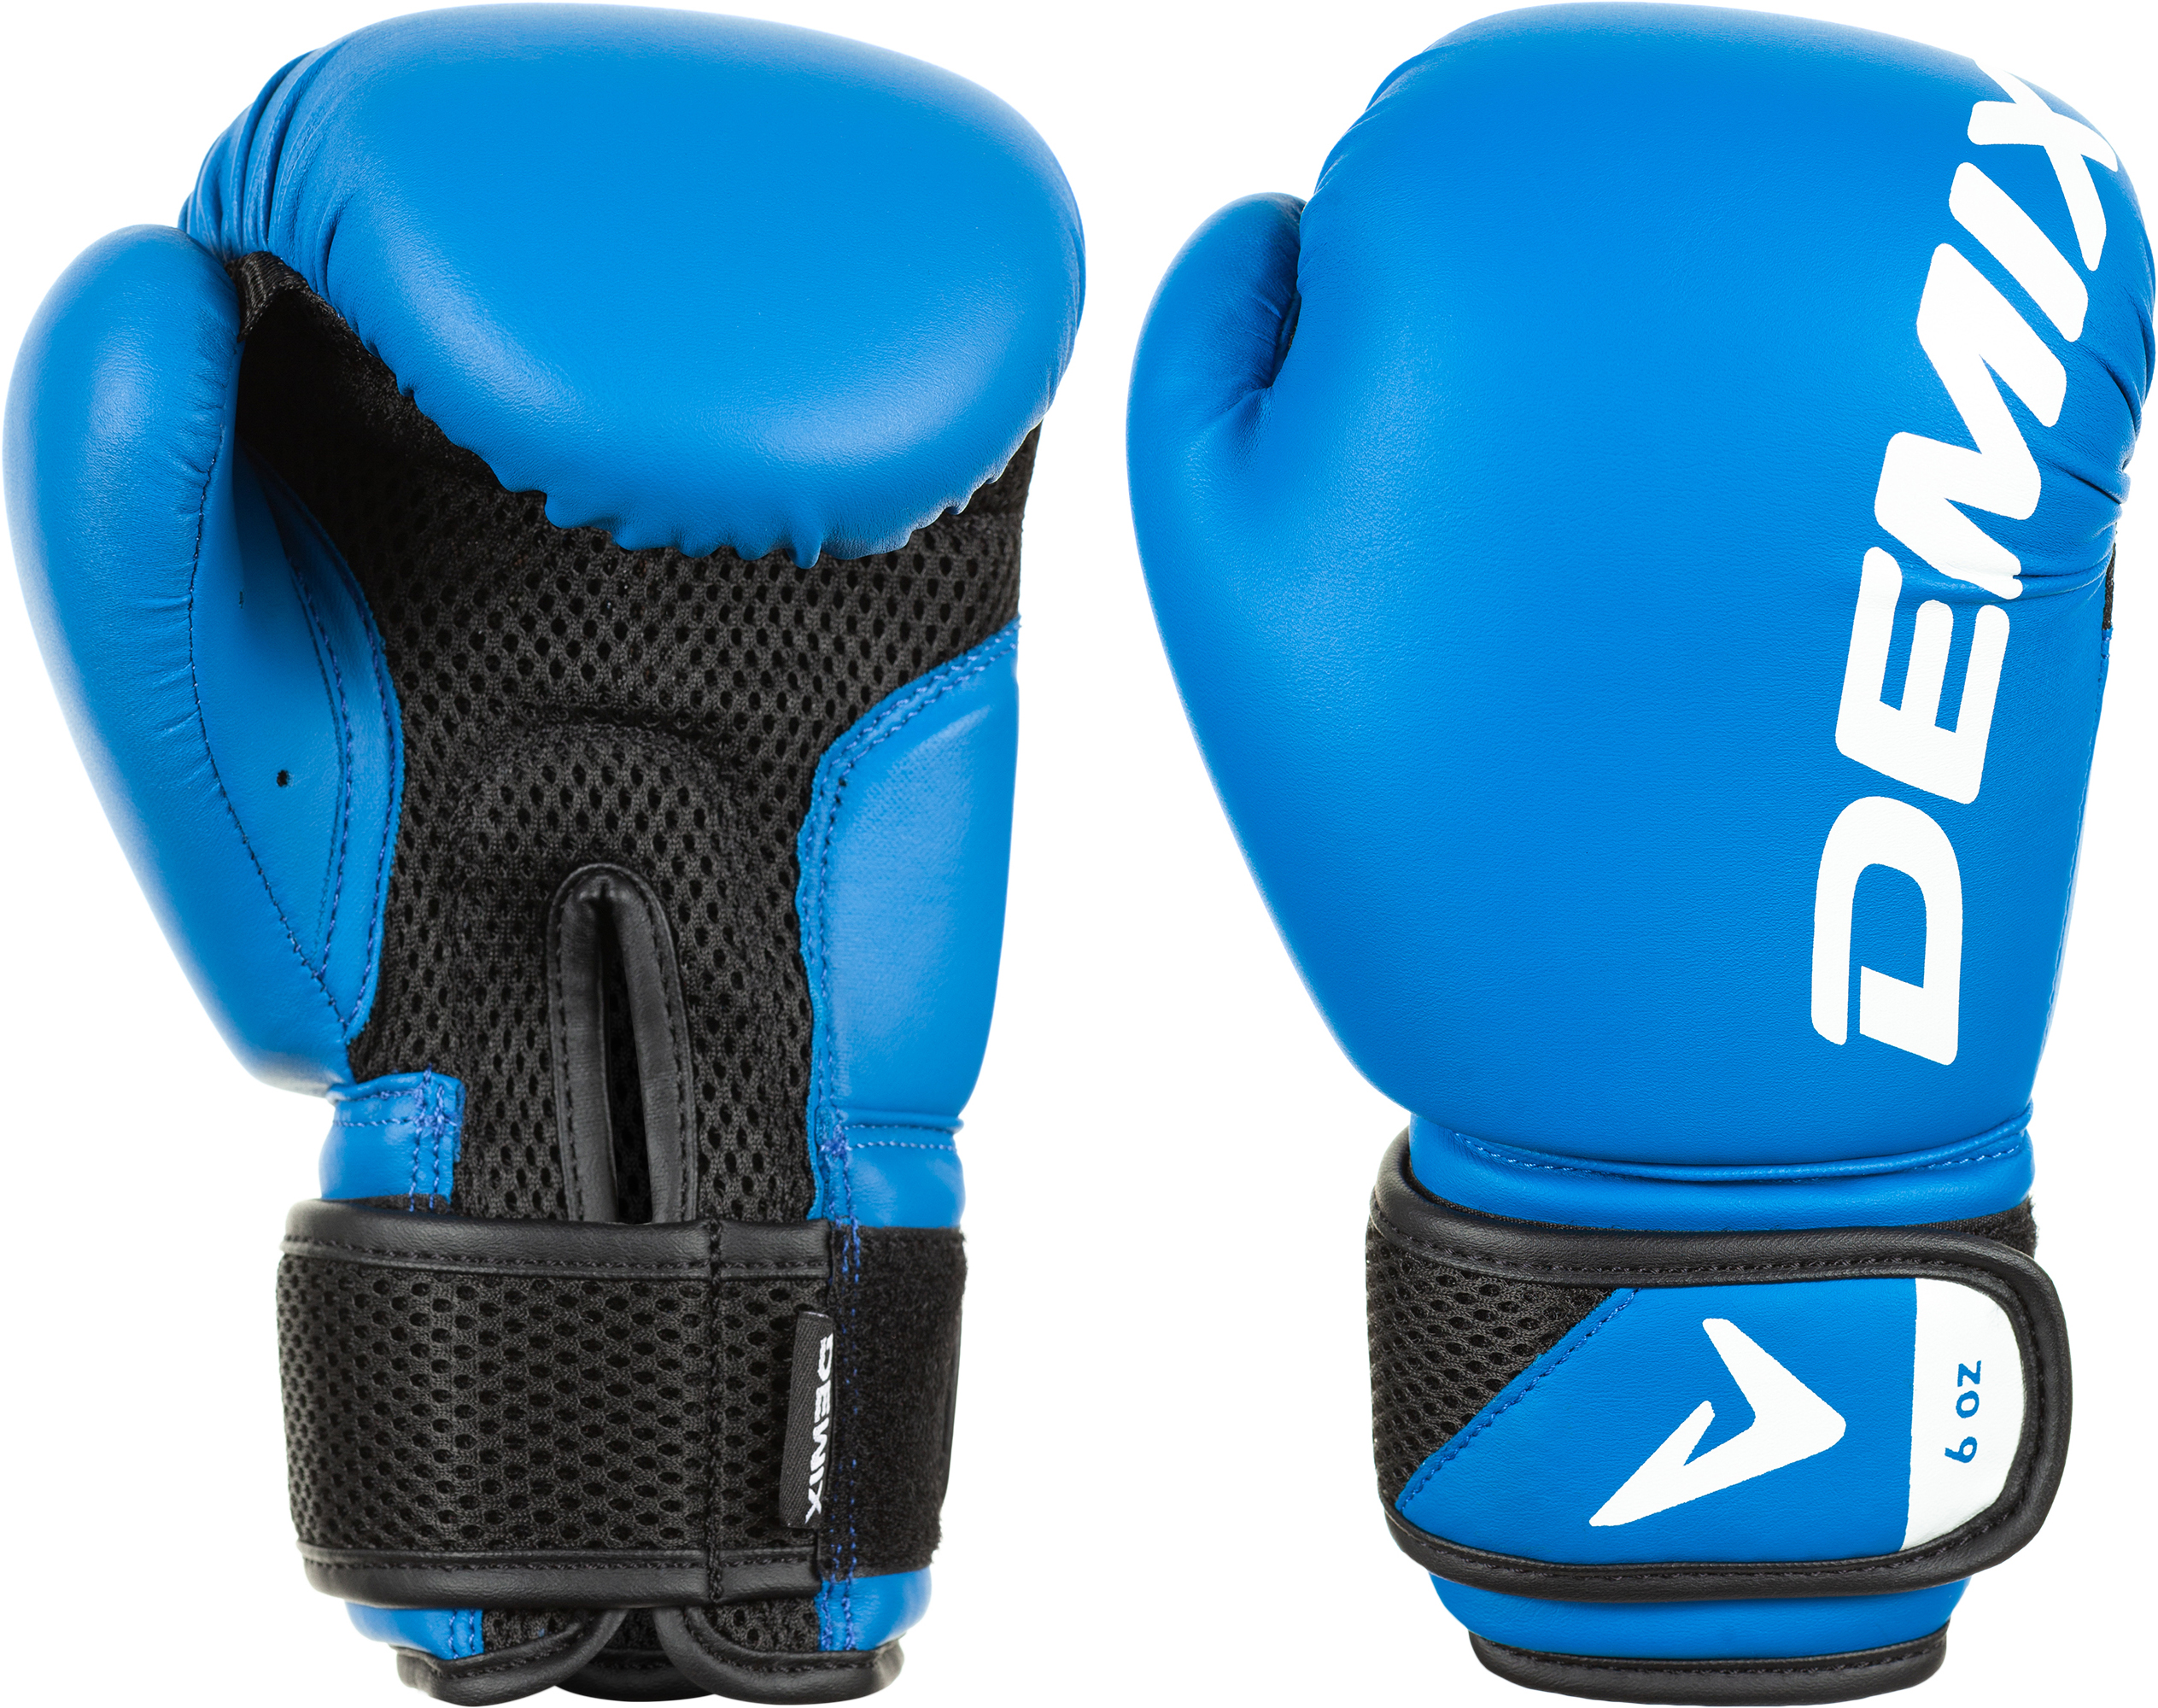 Demix Перчатки боксерские детские Demix, размер 4 oz